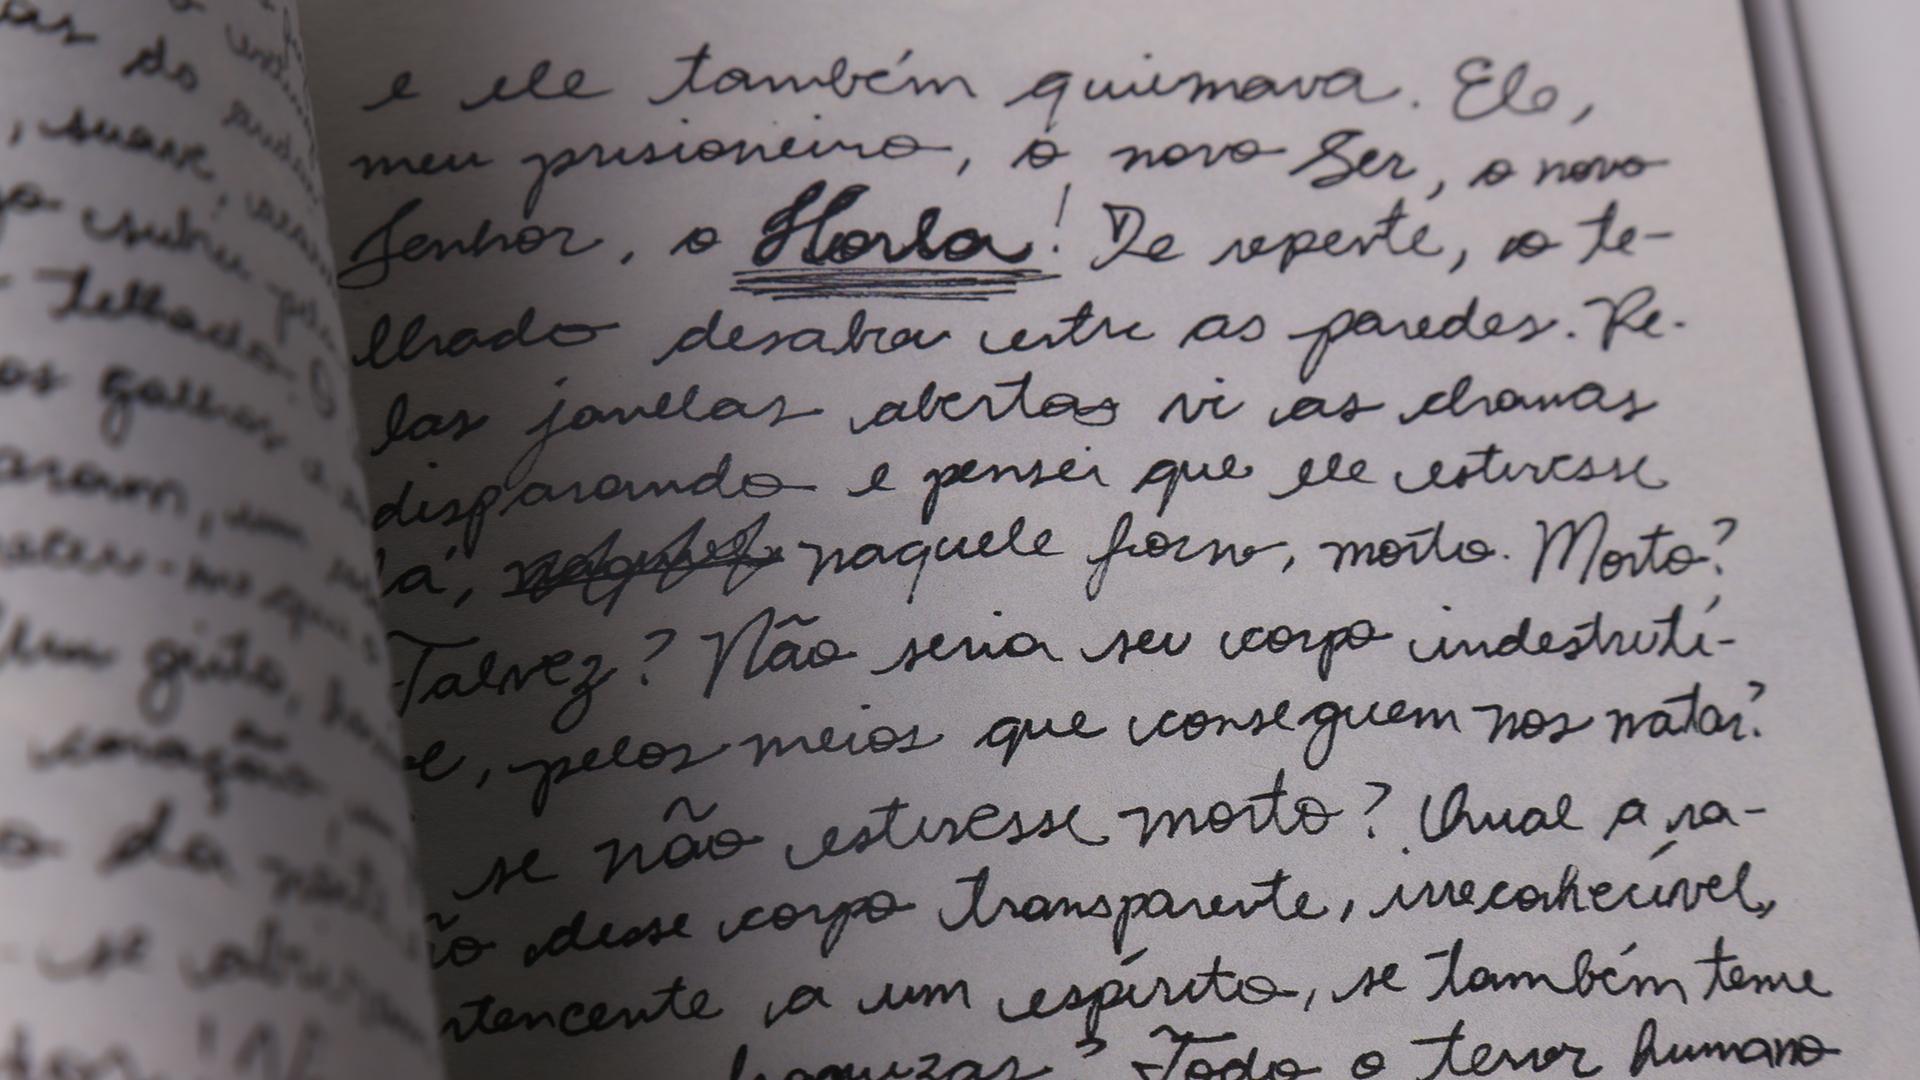 O conto, que é contado em primeira pessoa, foi escrito à mão, como num diário.